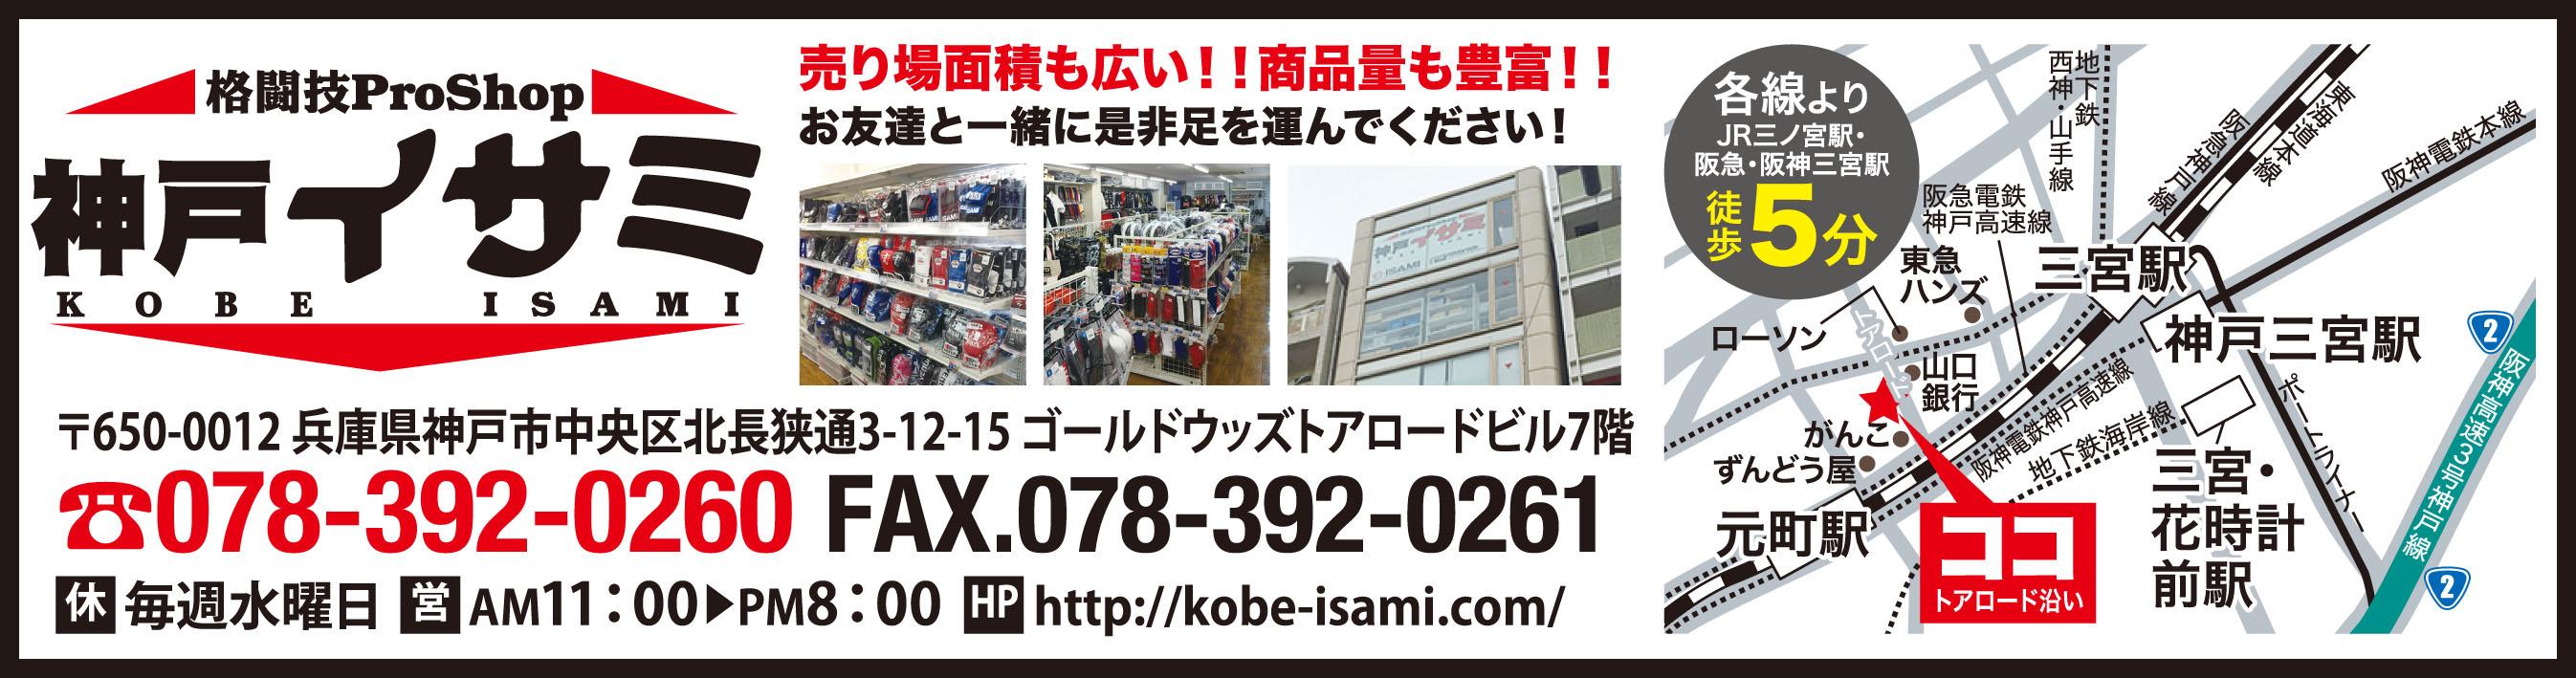 神戸イサミ